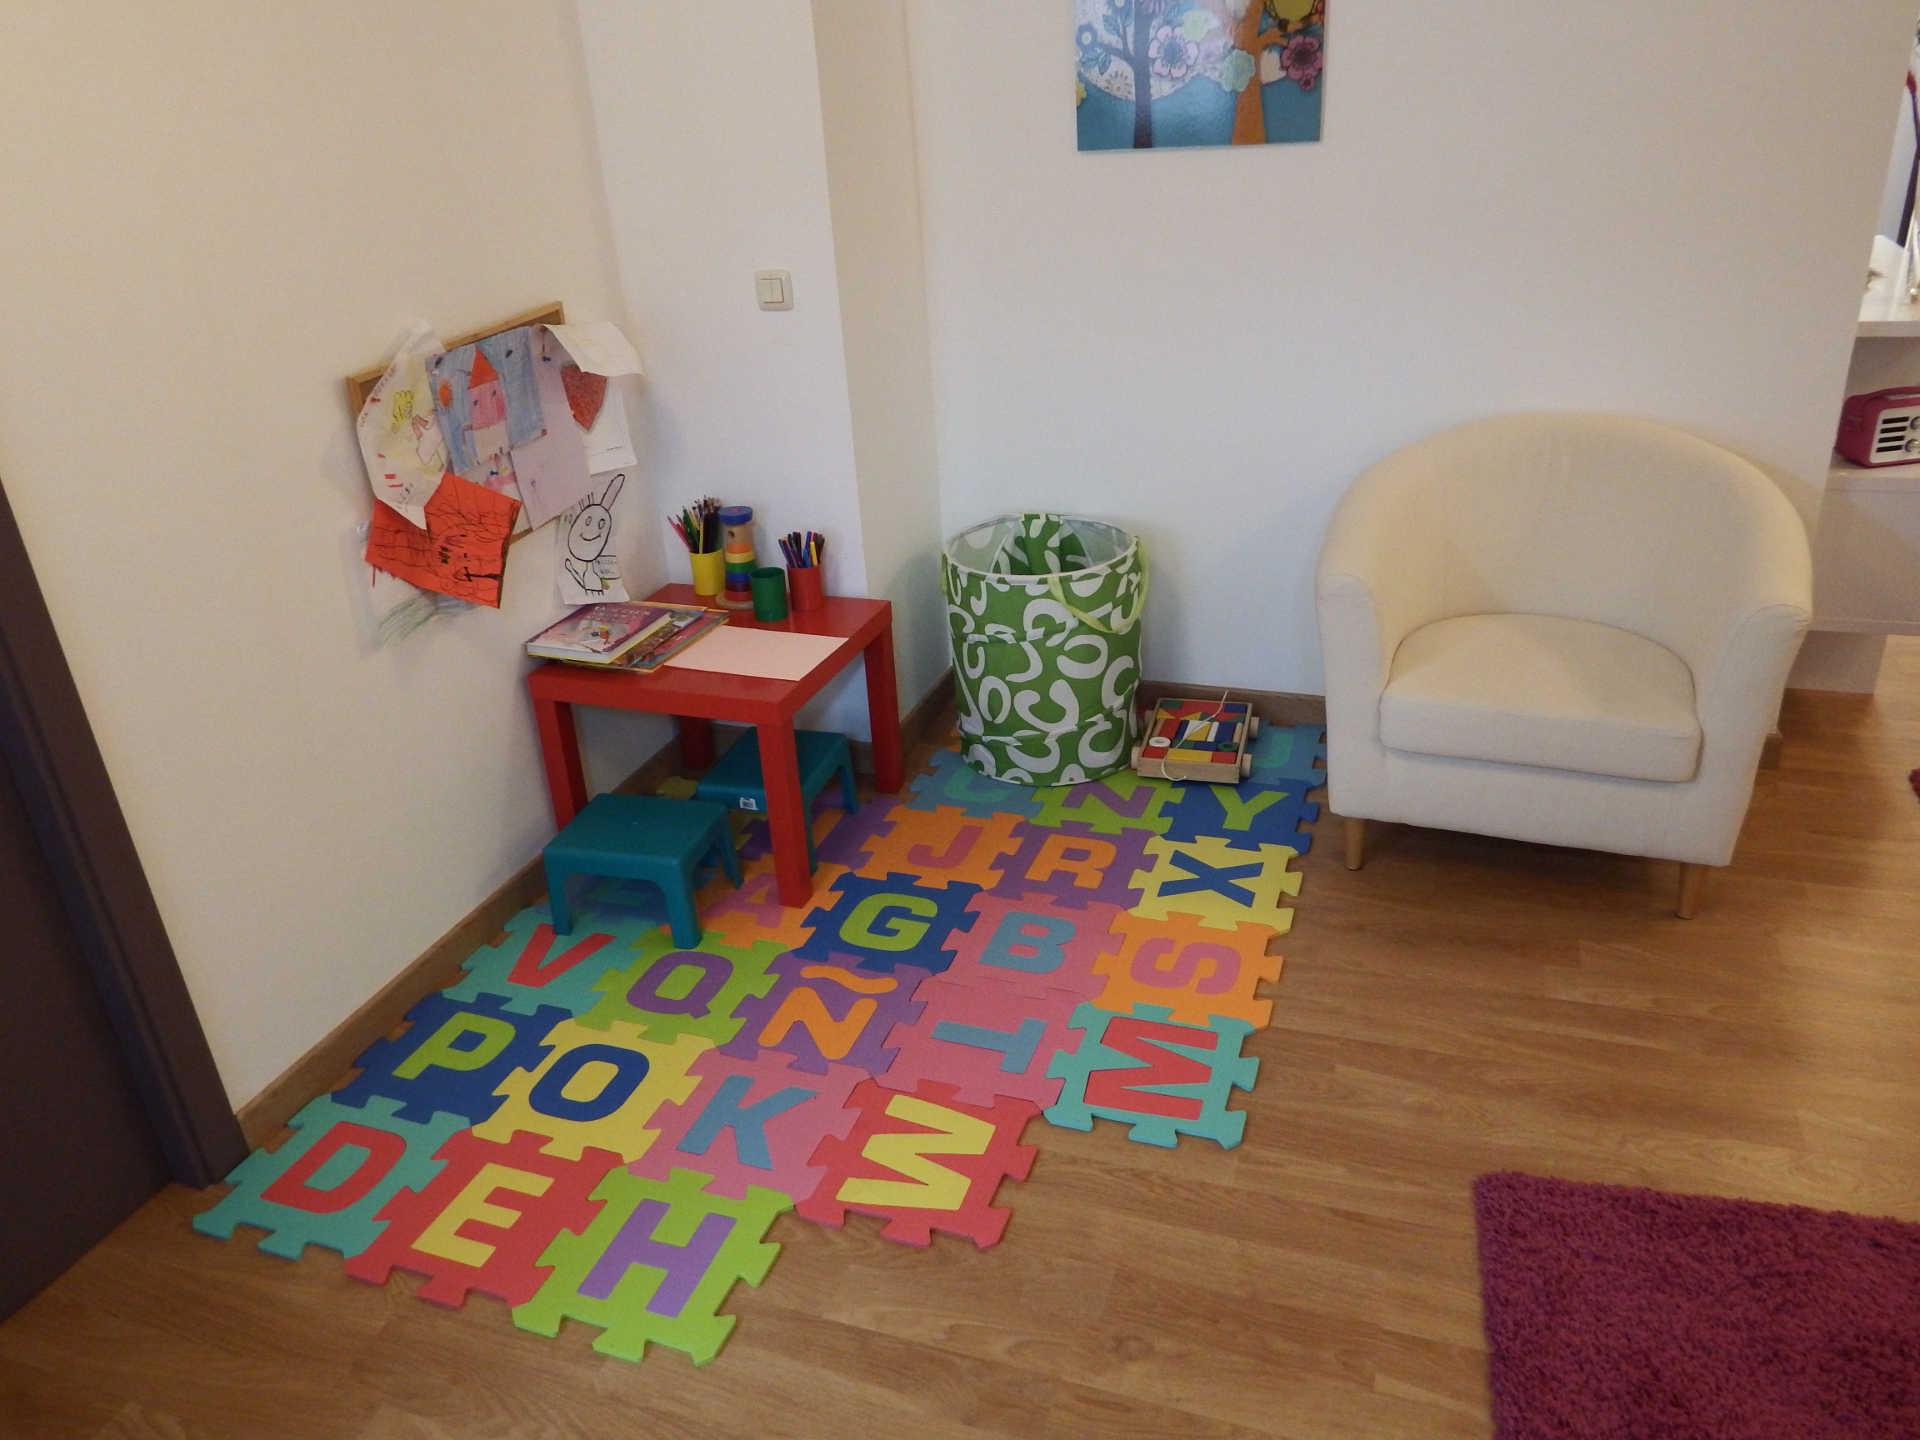 Sala para niños en Aima, psicologia clinica en santiago